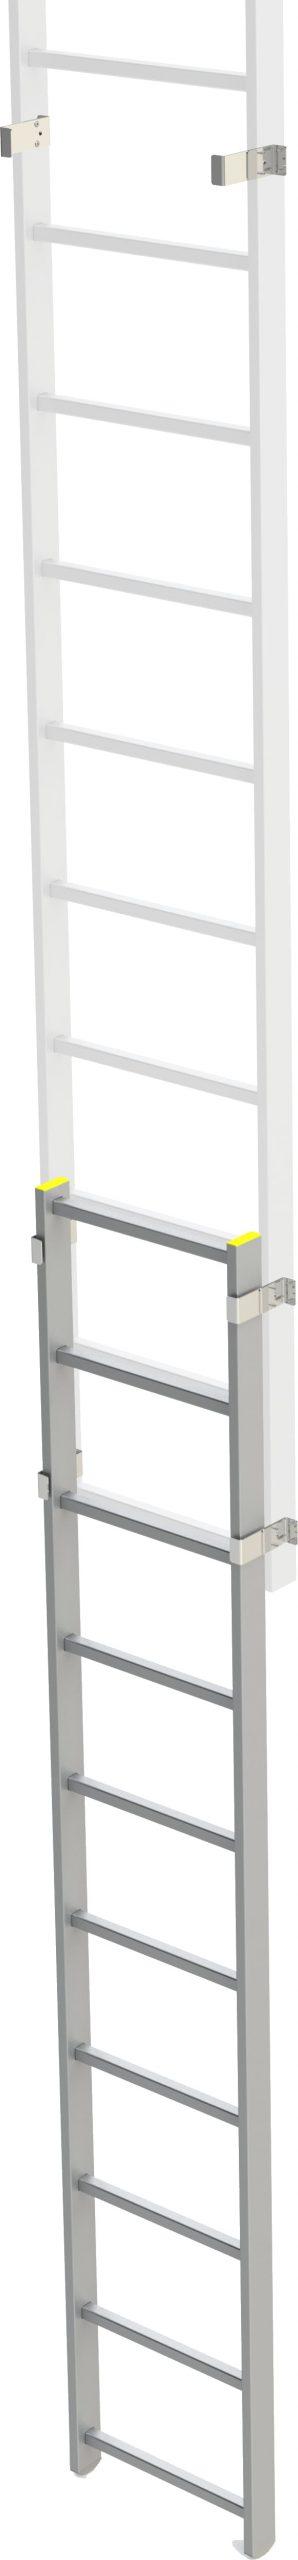 zabezpečenie vstupu vysunuteľné pre výstupový rebrík na budove